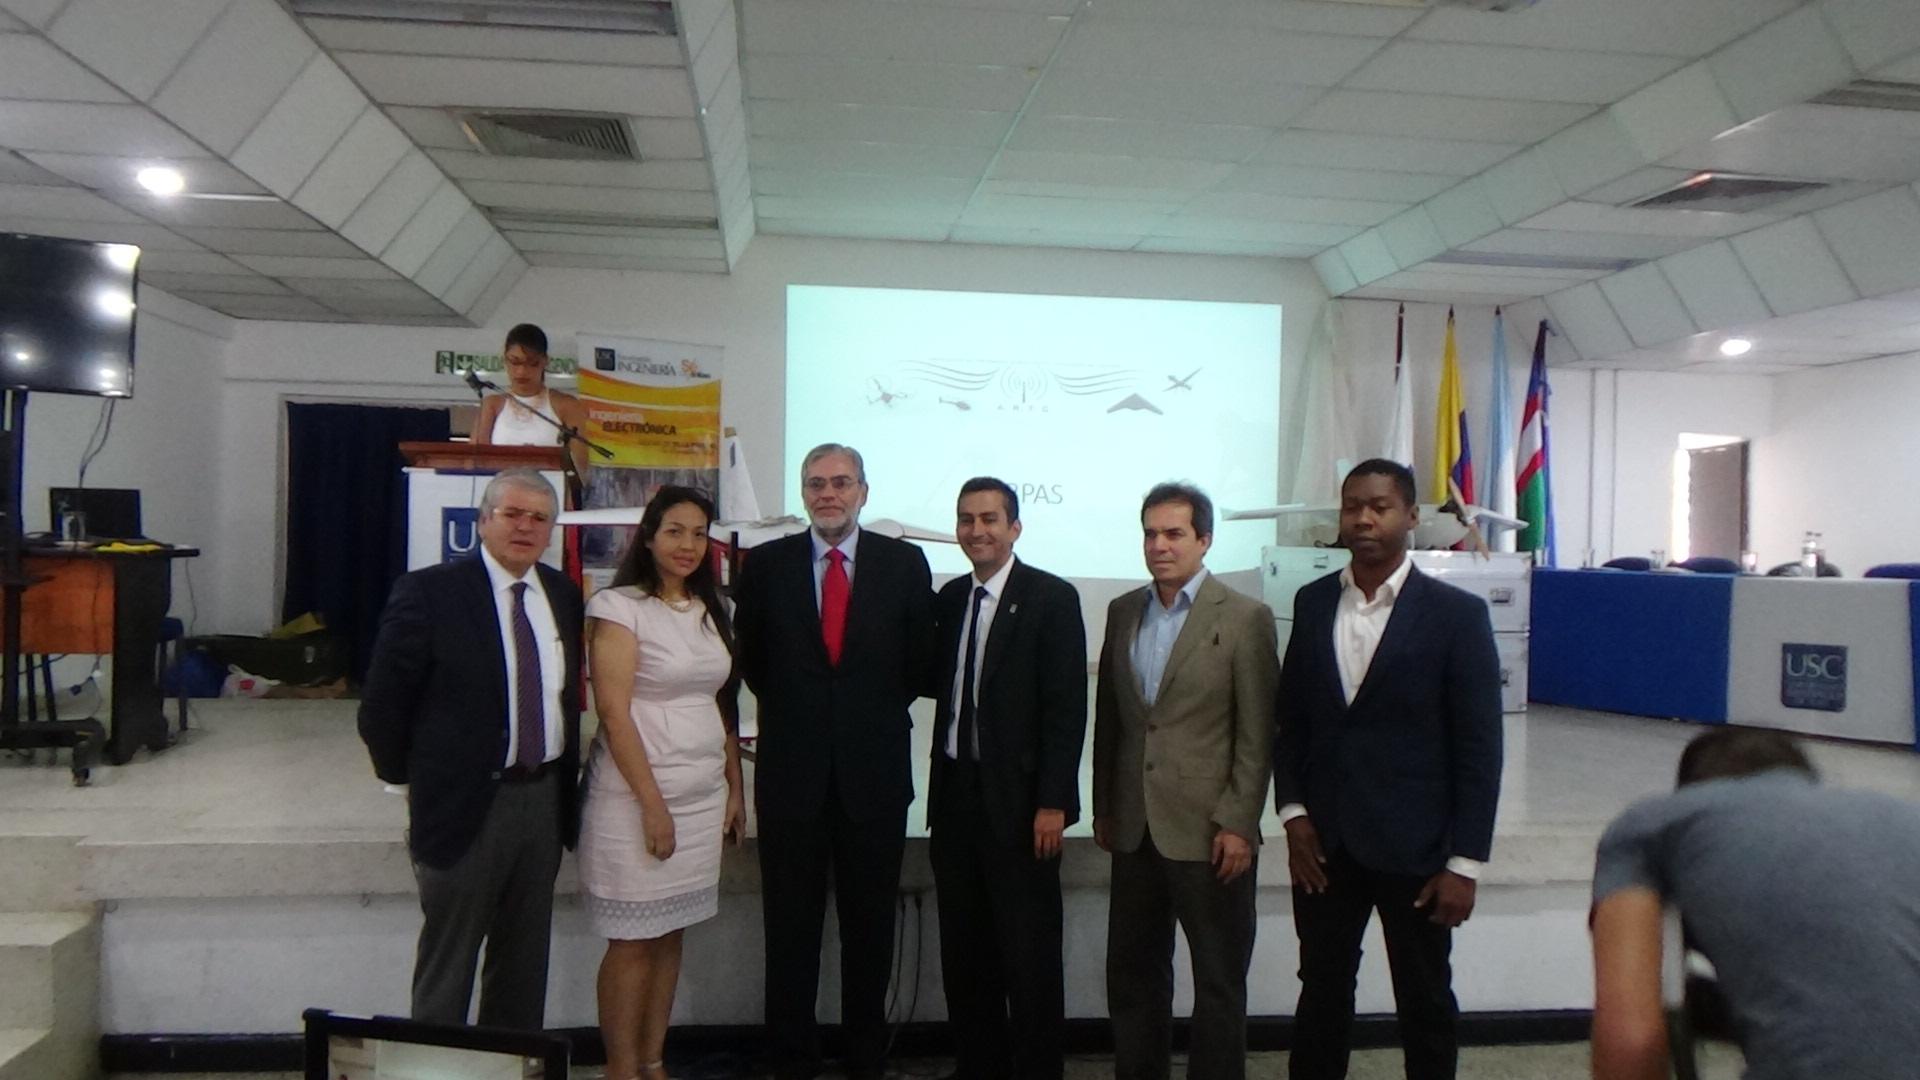 Delegados USC, ARTC, EuroUSC y ATLAS